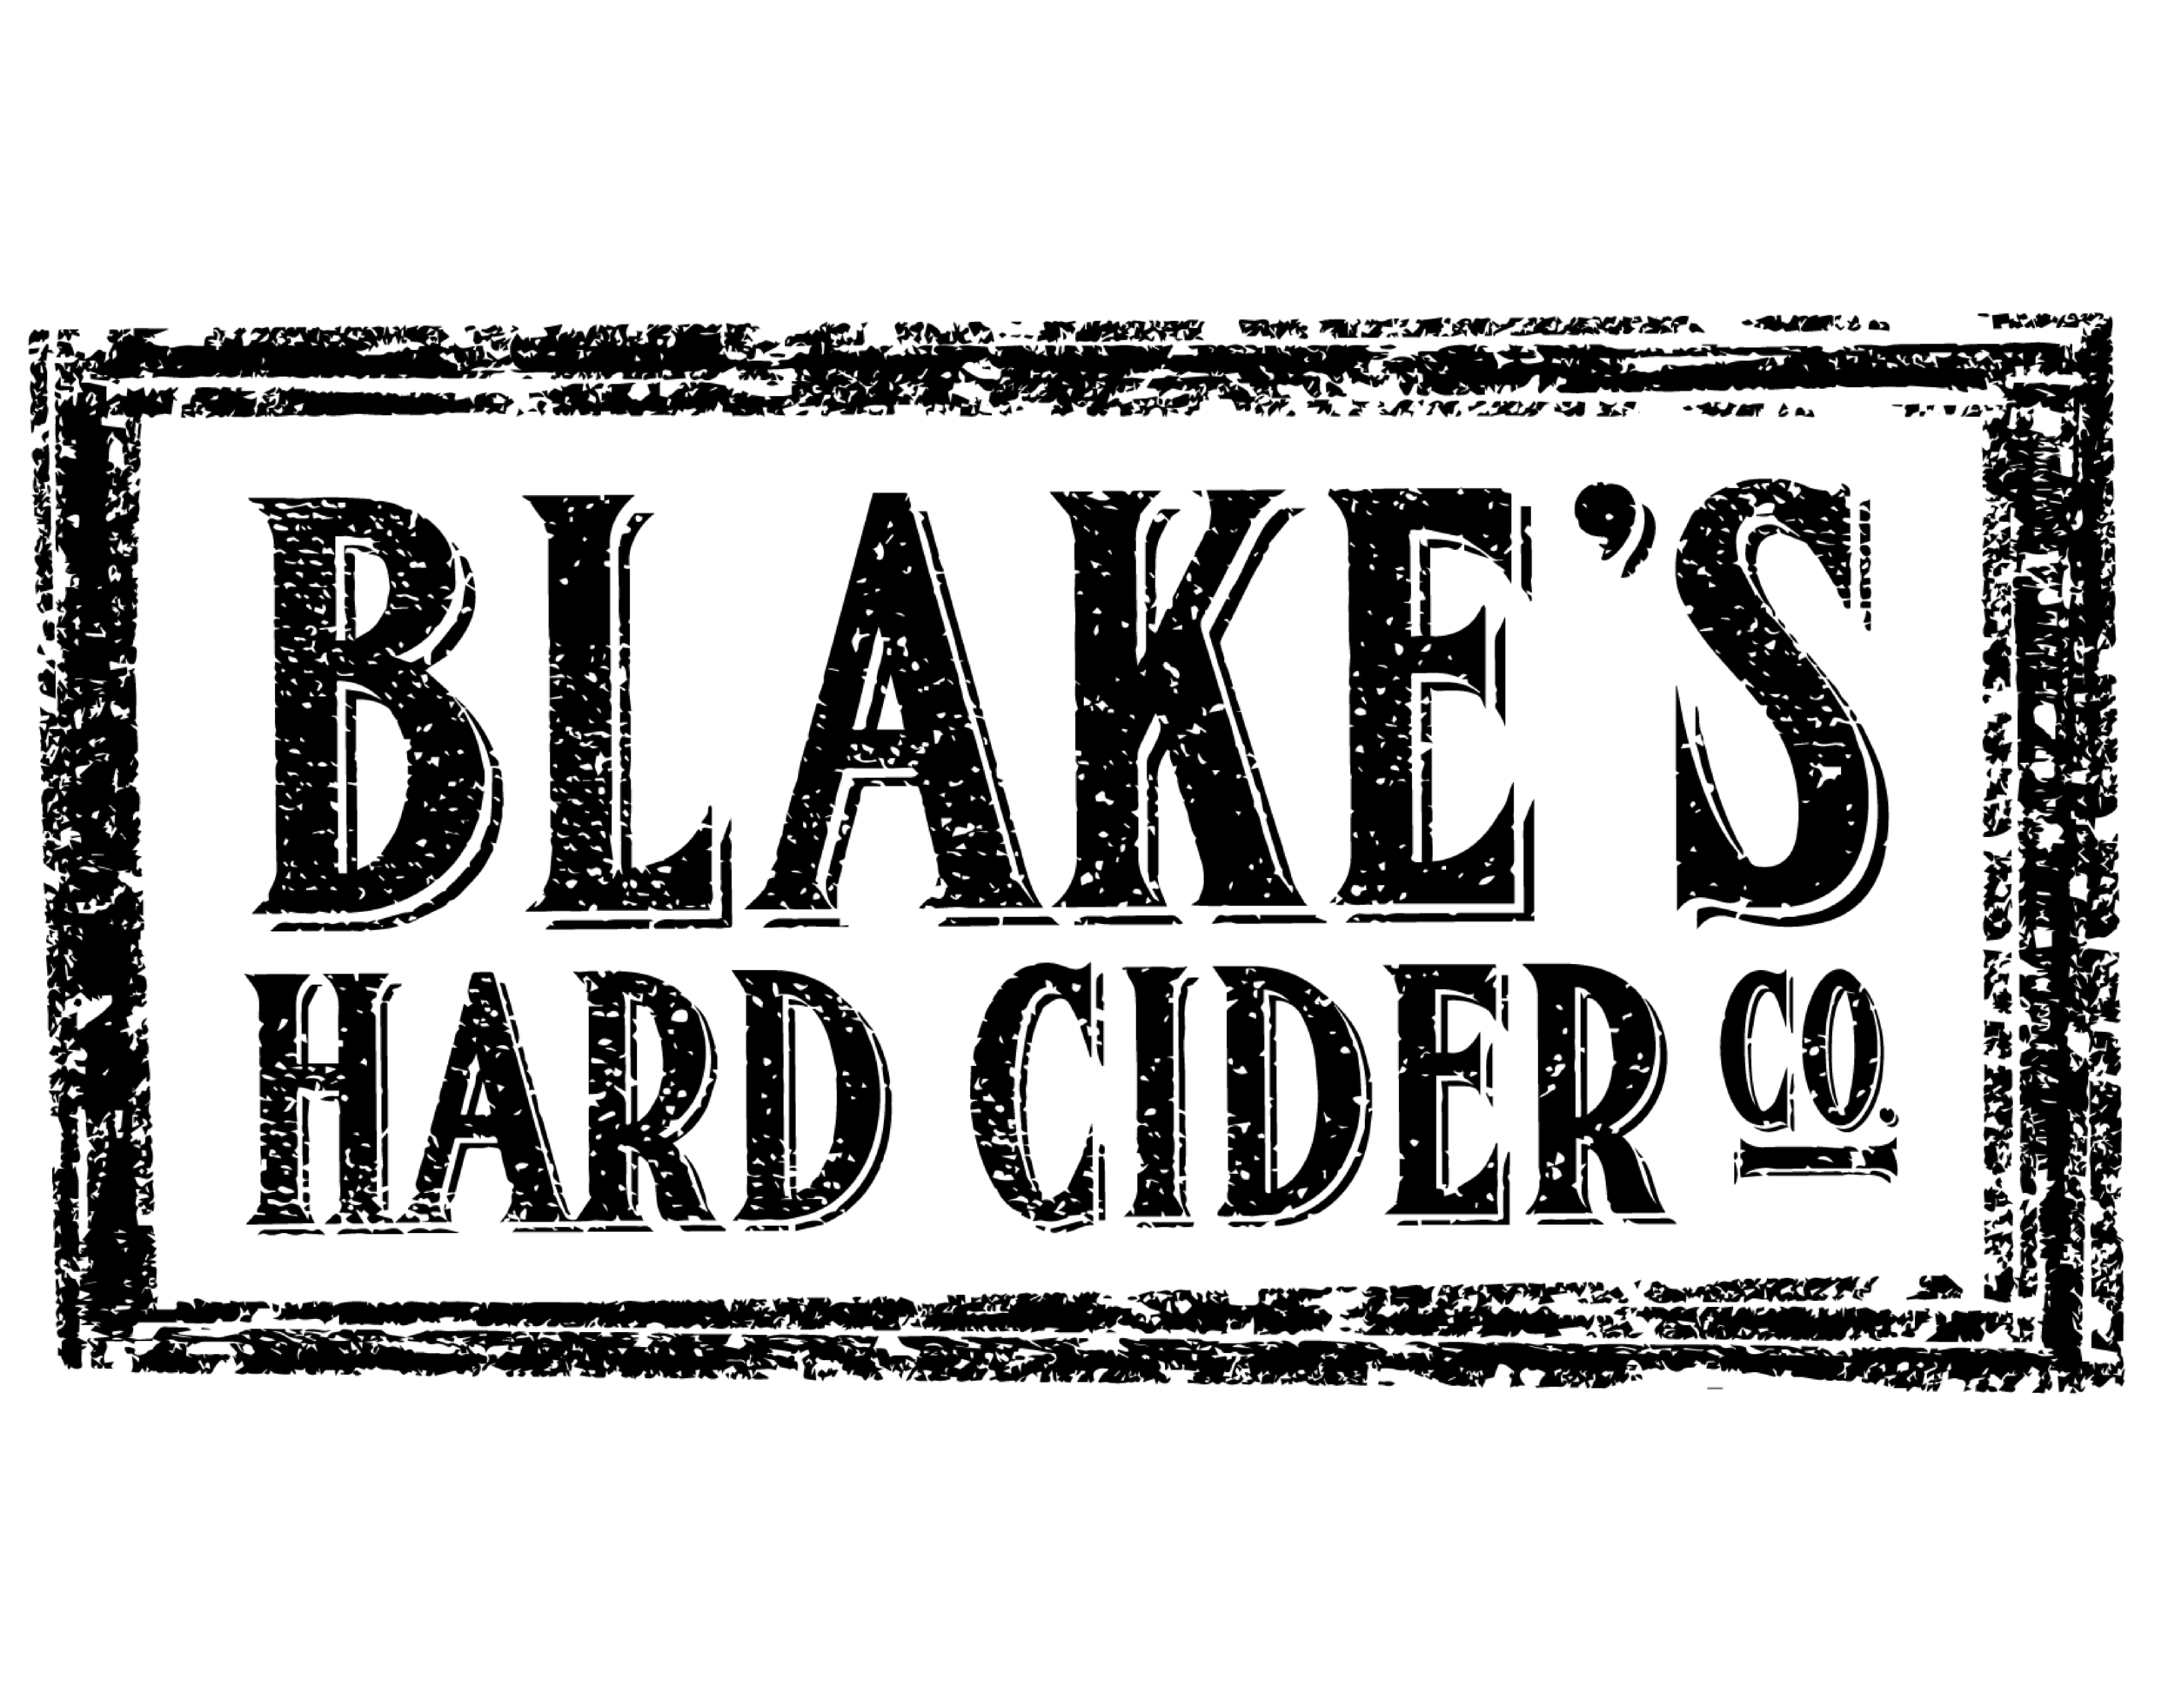 Blake's Hard Cider logo. Links to Blake's Hard Cider website.